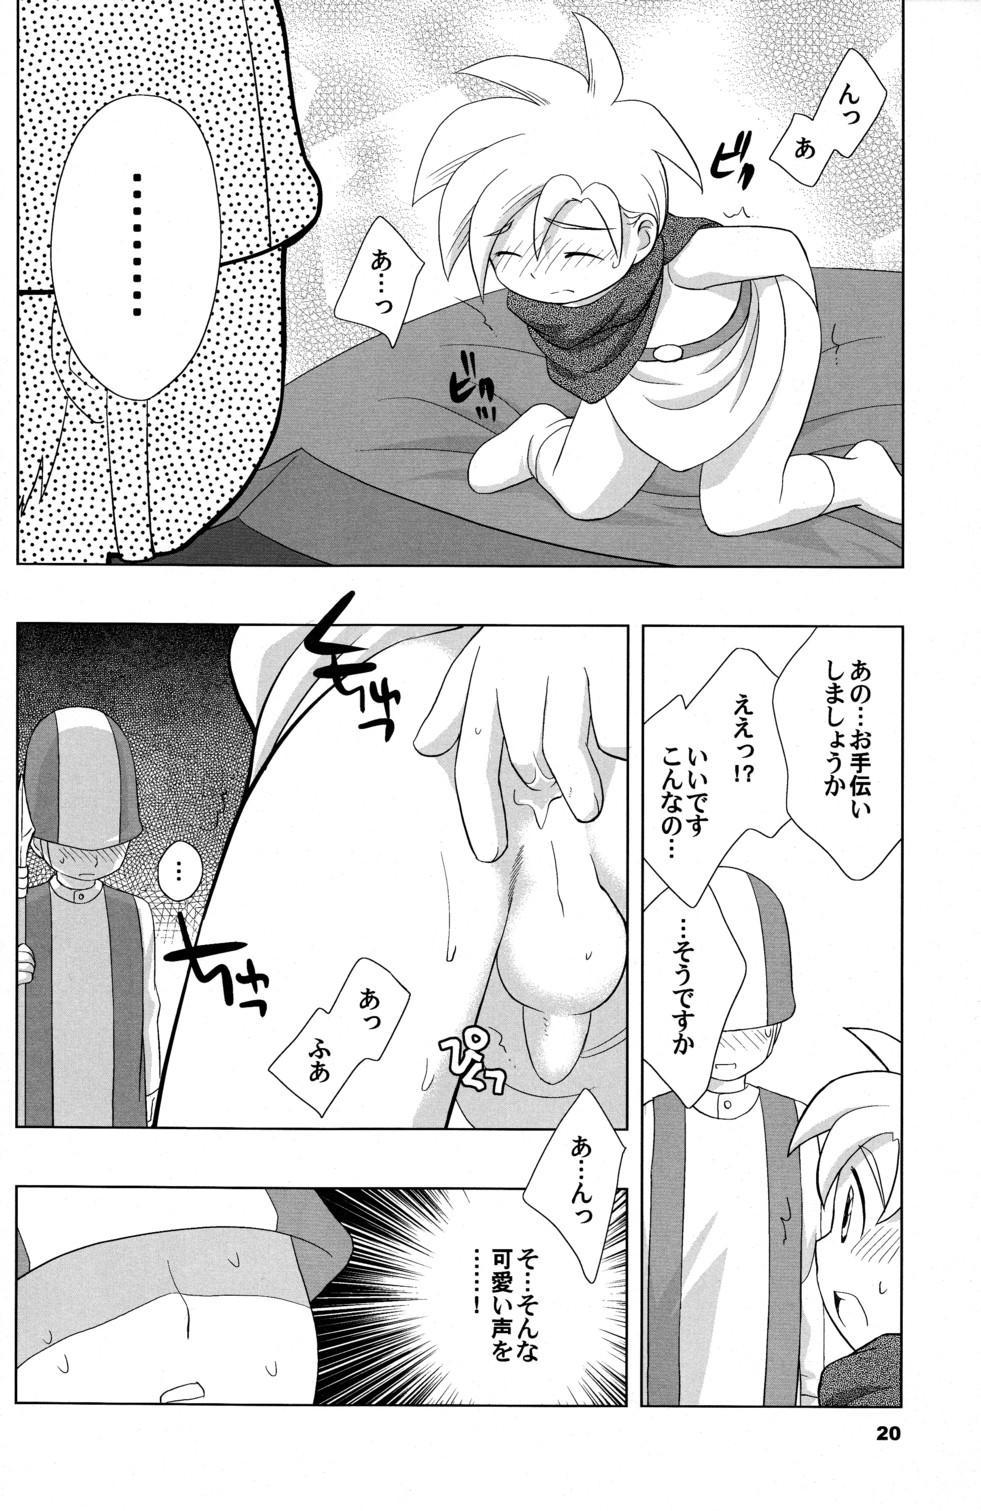 Hoshifuru Seisui 19